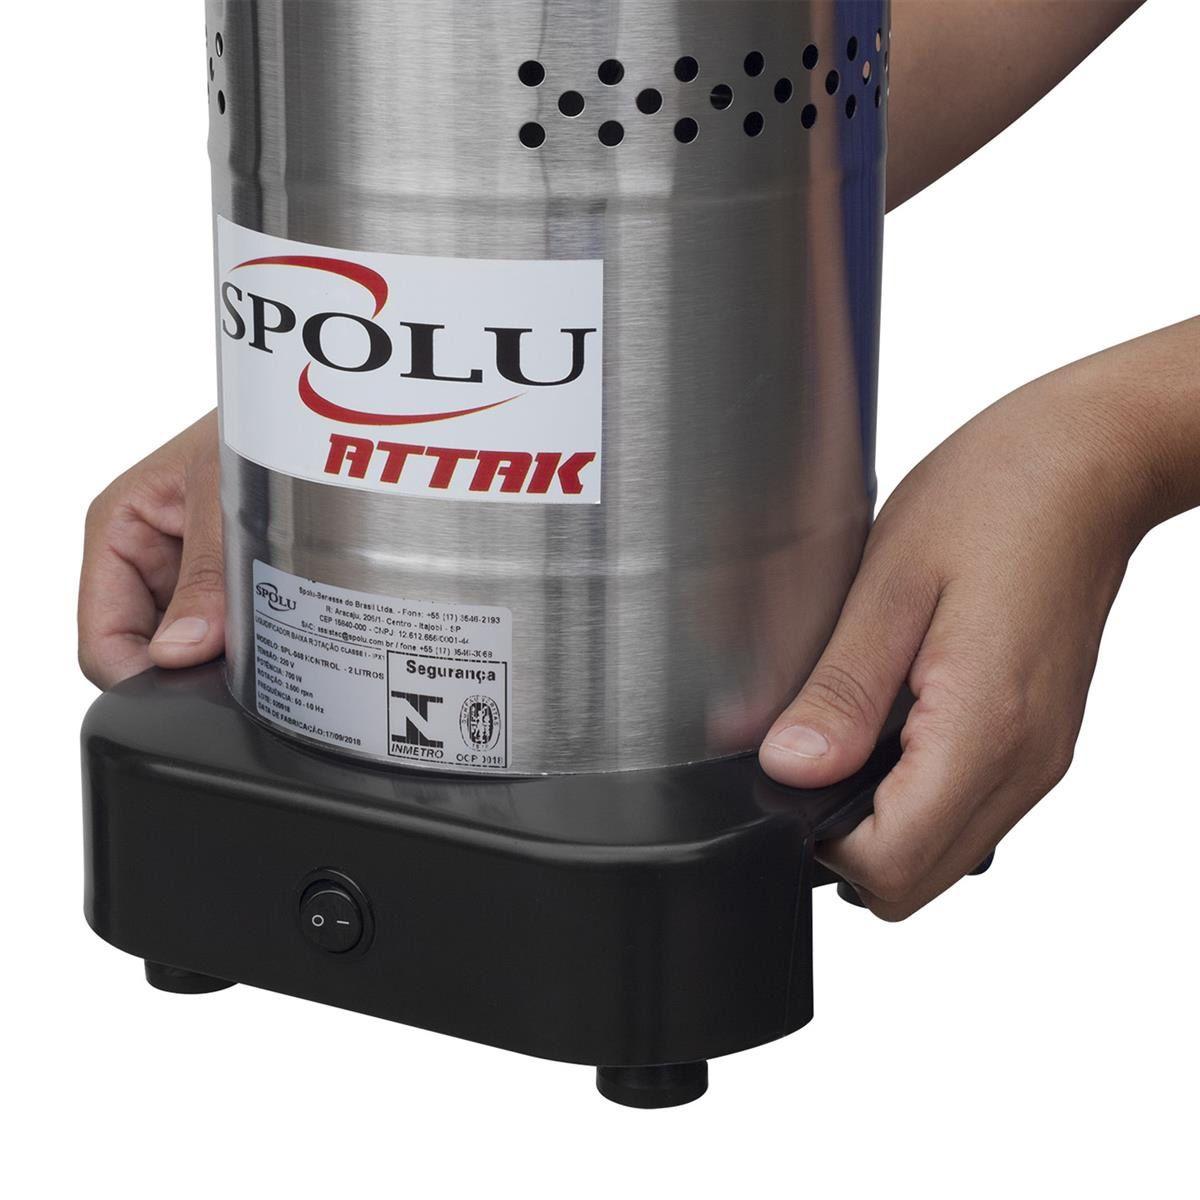 Liquidificador Industrial Spolu Attak 2 Litros Inox Baixa Rotação 220v